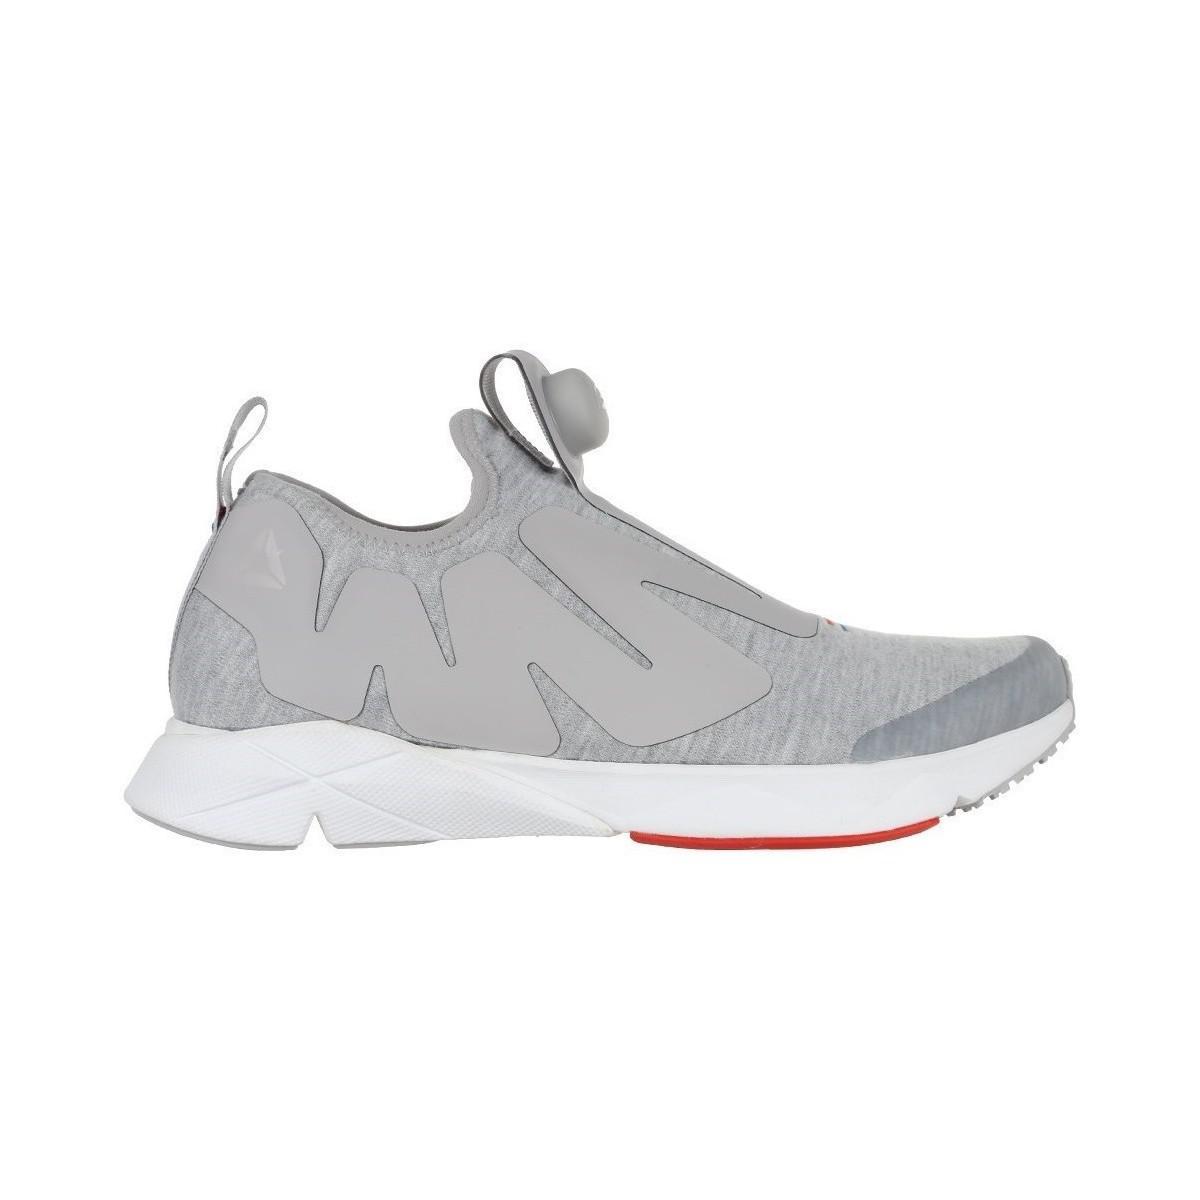 f143aa037ec0 Reebok Pump Plus Supreme Hoodie Men s Shoes (trainers) In Grey in ...